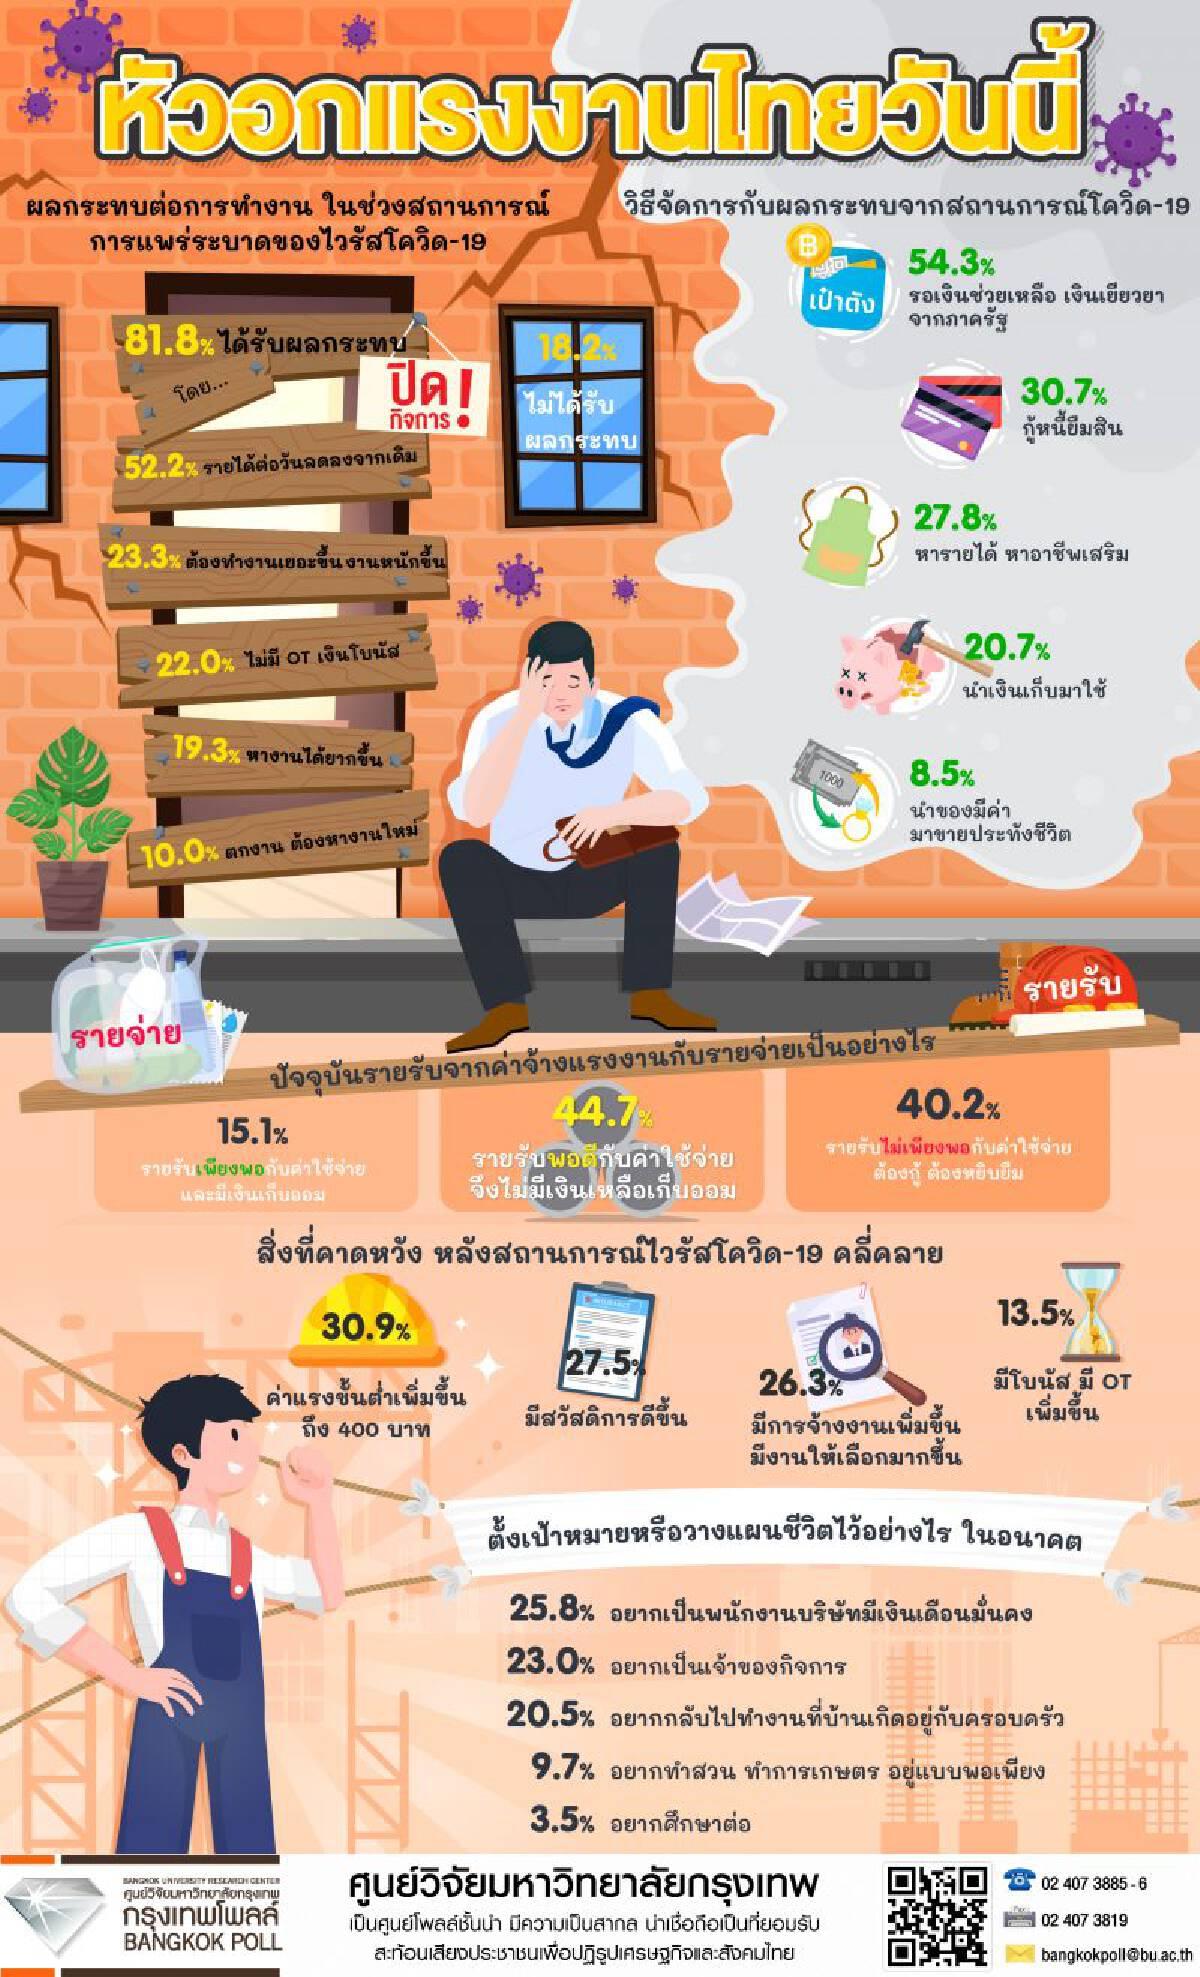 ทุกข์แรงงานไทย 44.7% ไม่มีเงินออม